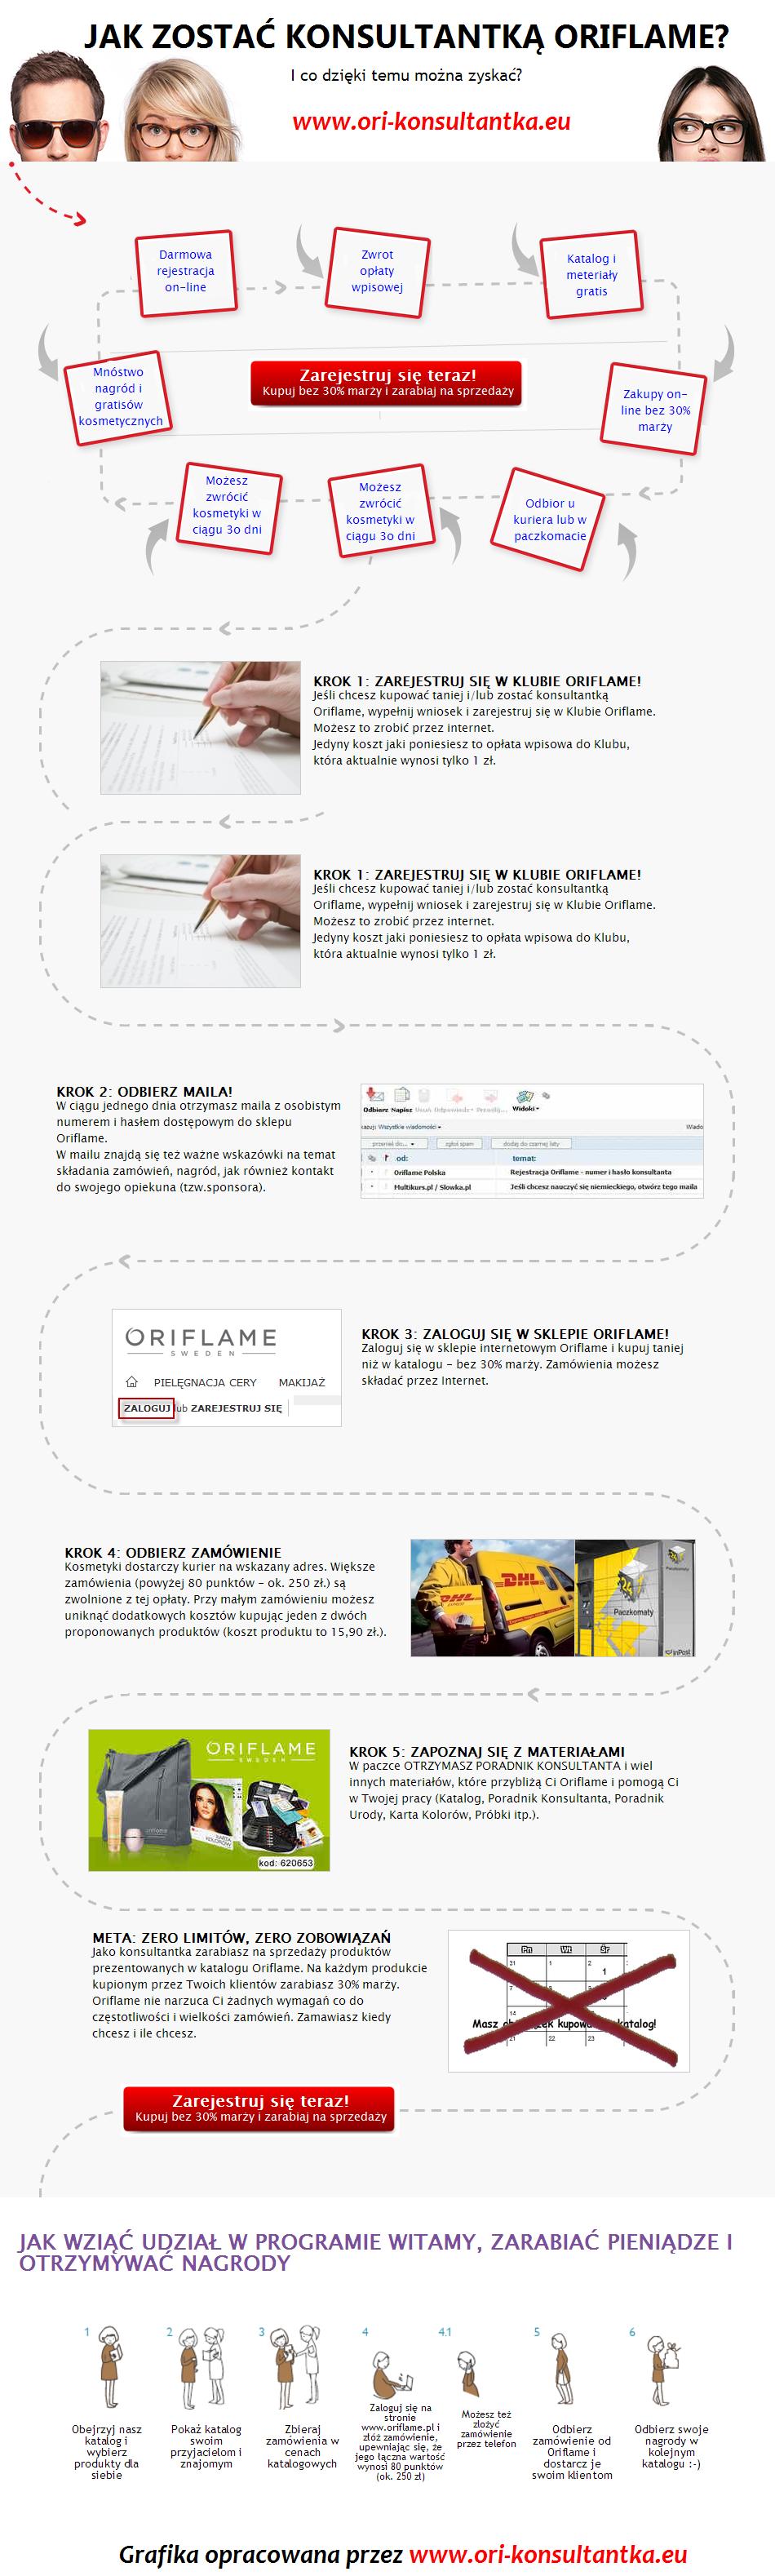 Jak zostać konsultantką Oriflame - infografika